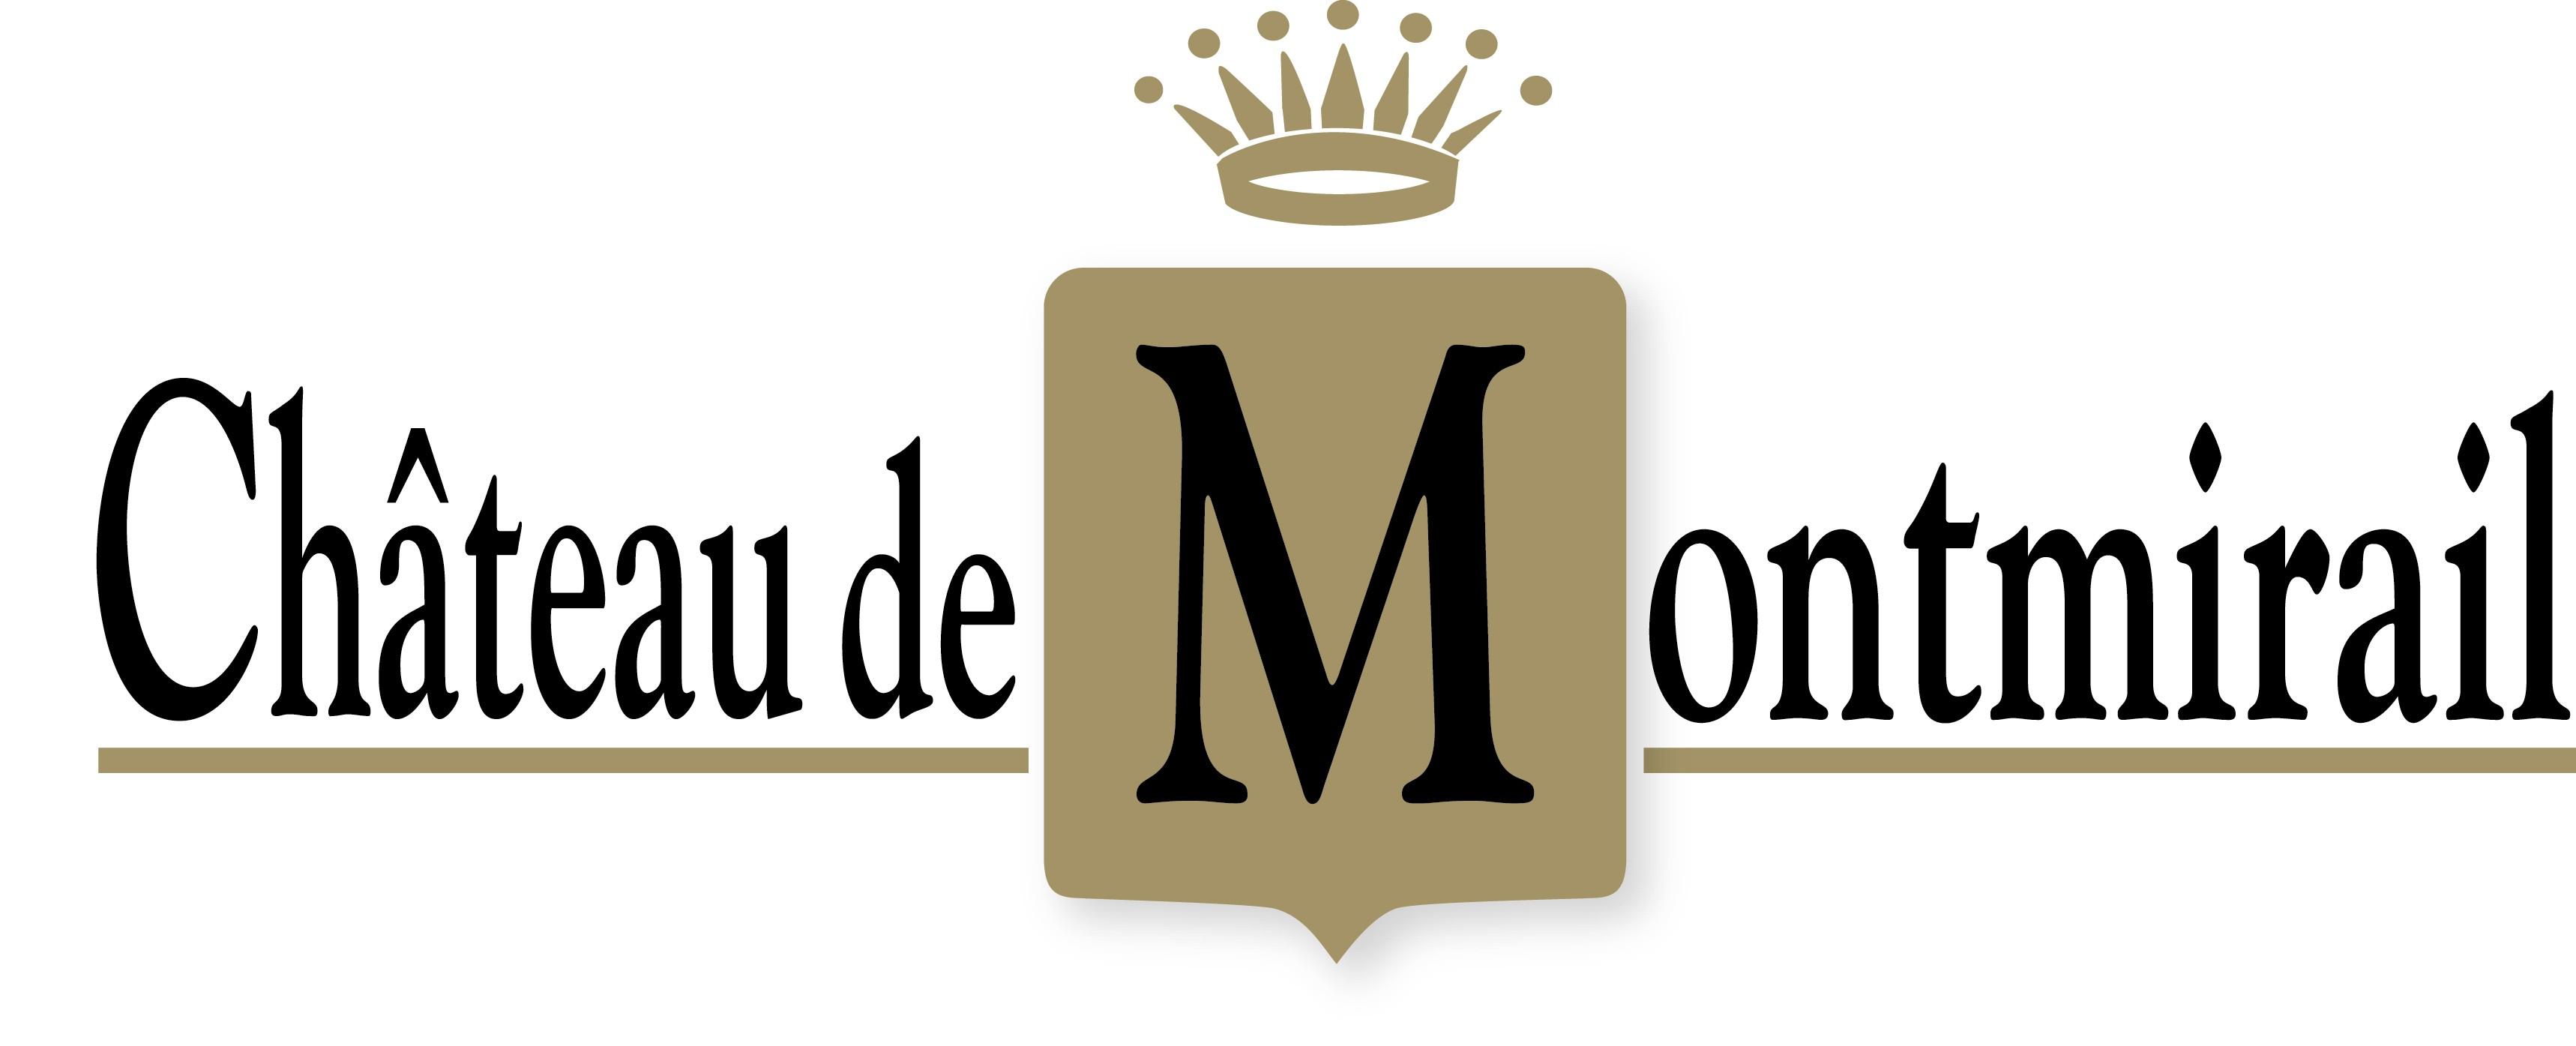 chateau de montmirail